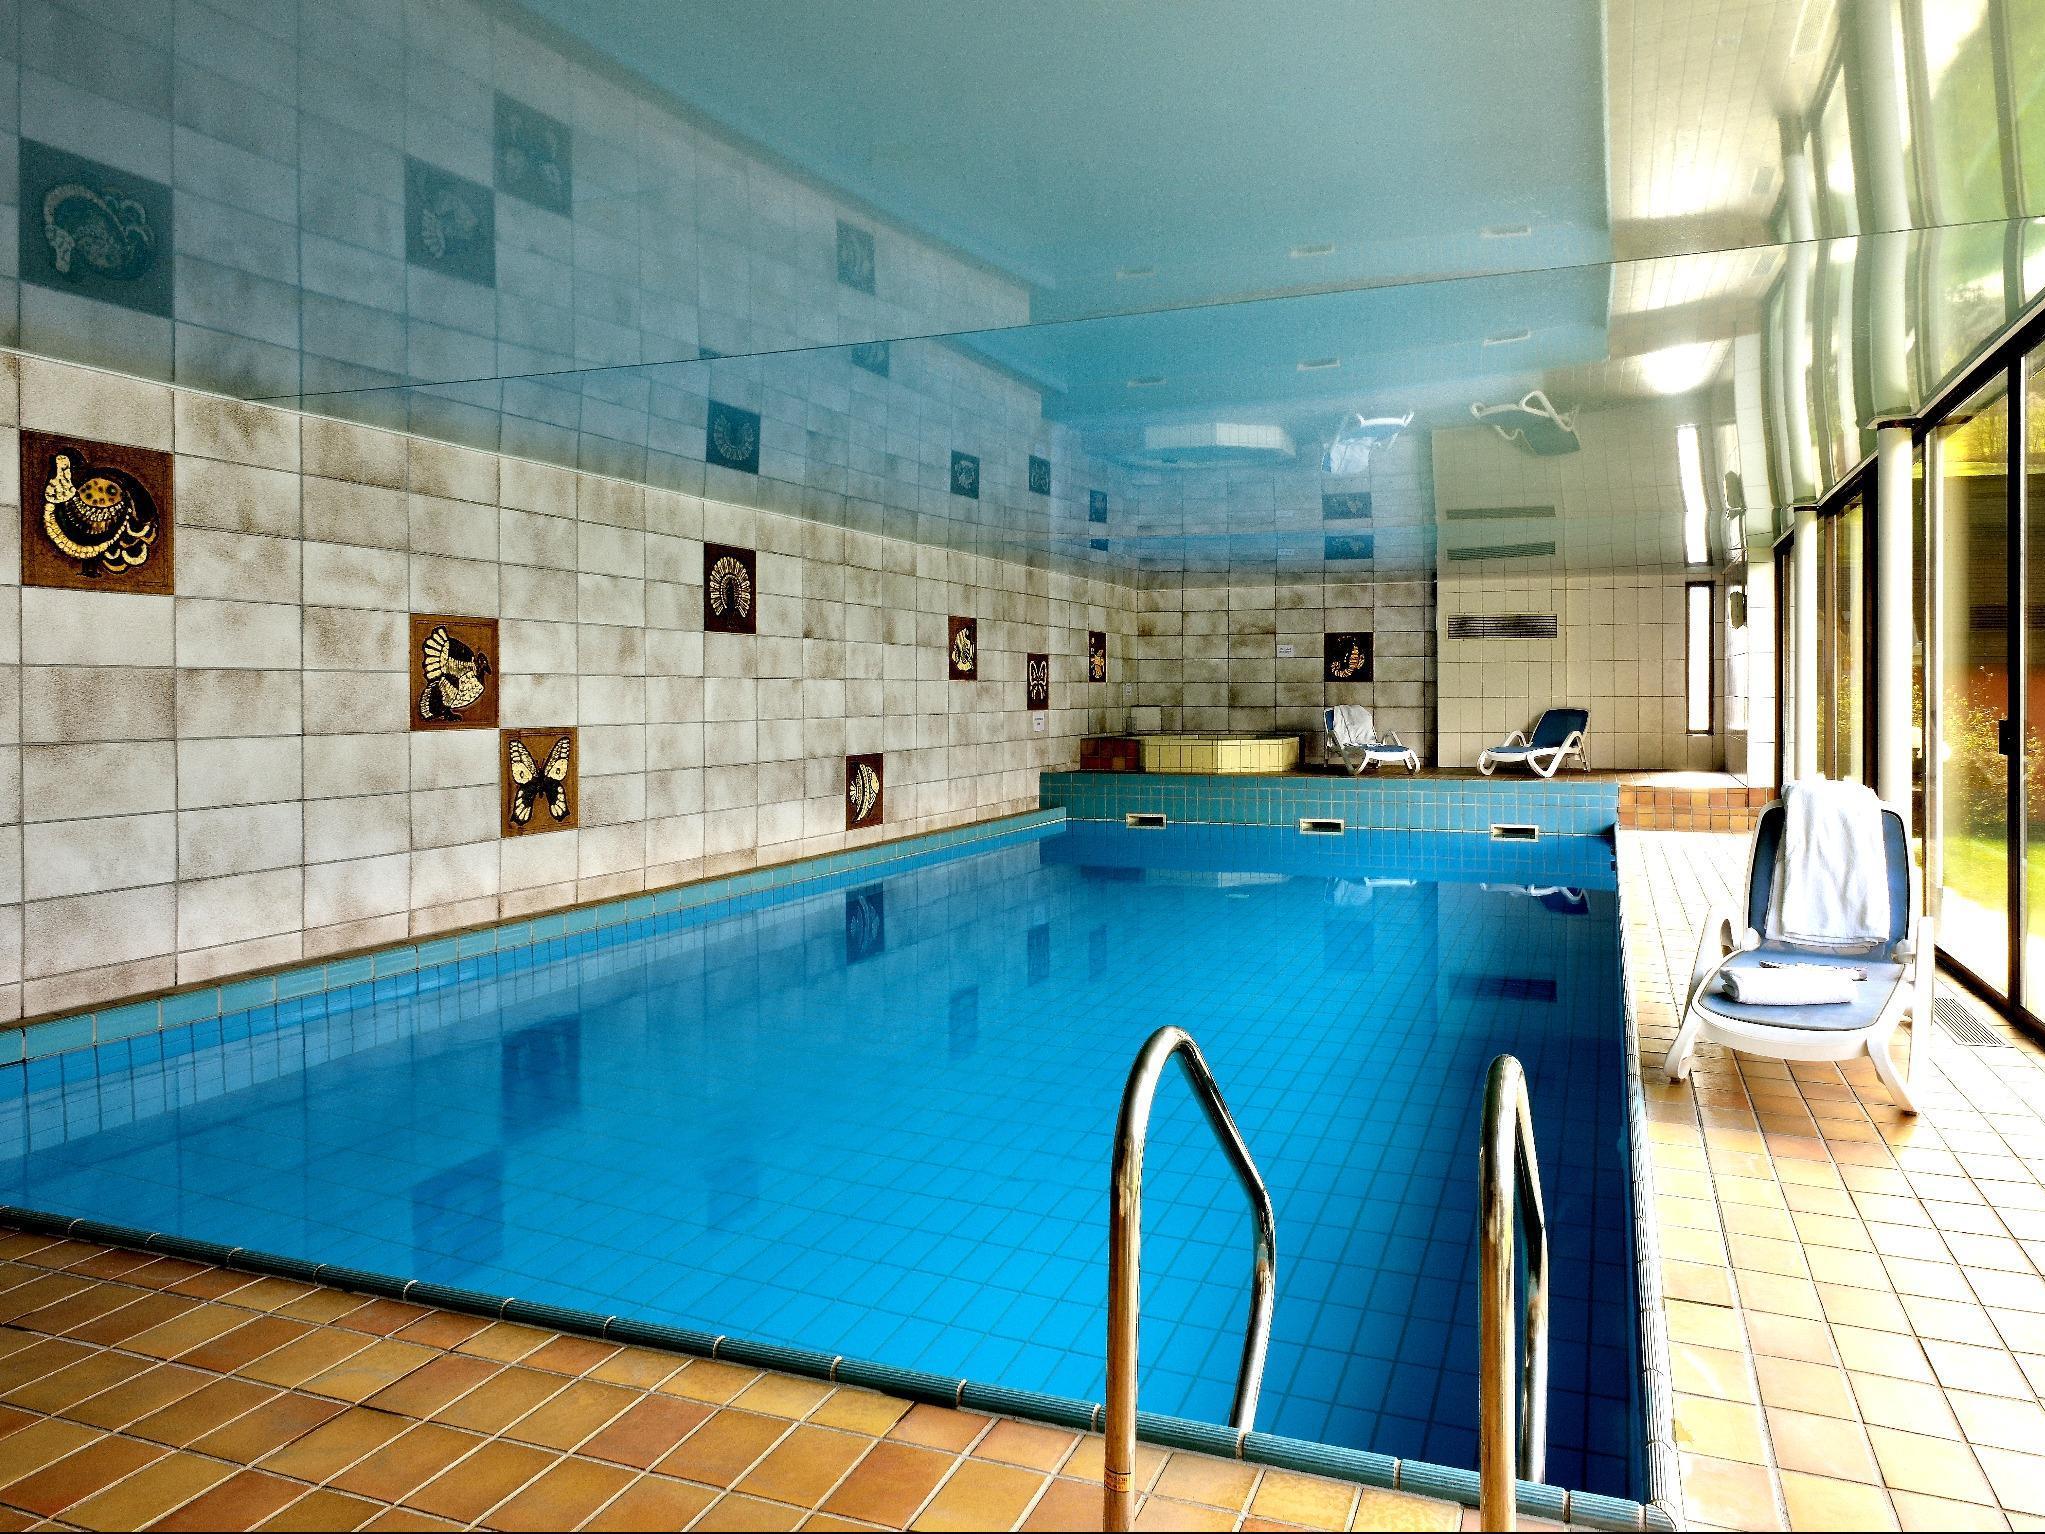 Hostellerie motel au bois le sire orbey for Piscine kaysersberg